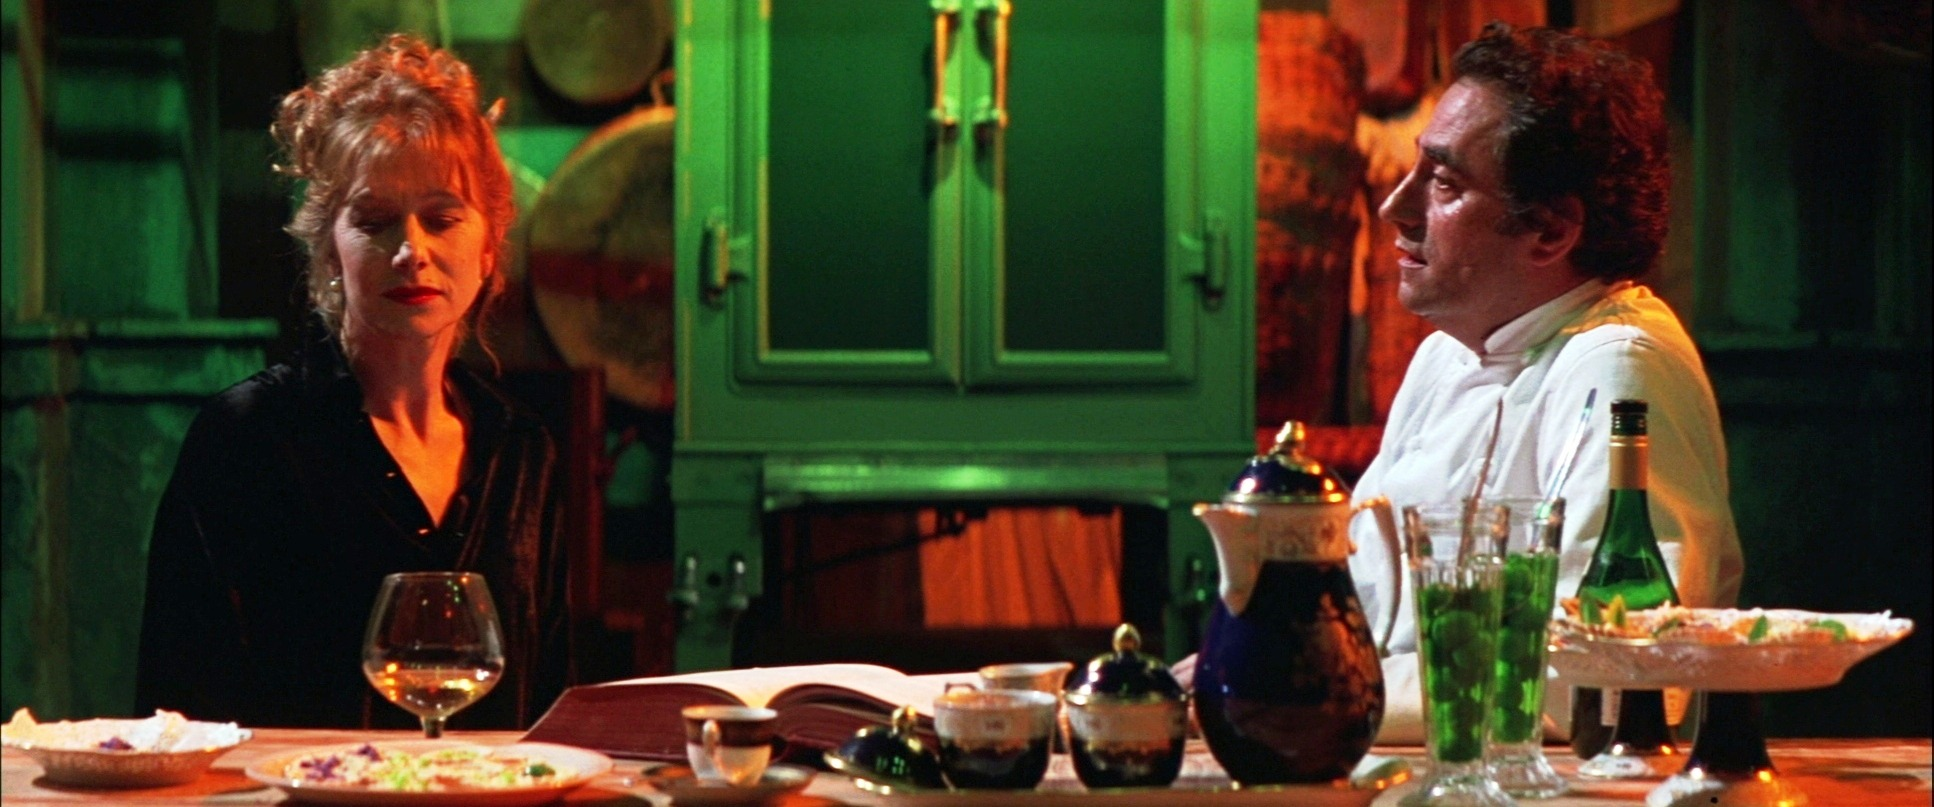 http://shbabbek.com/upload/خروجتك عندنا.. اسمع «علي الحجار» و«عمر خيرت» واتفرج على فيلم أجنبي